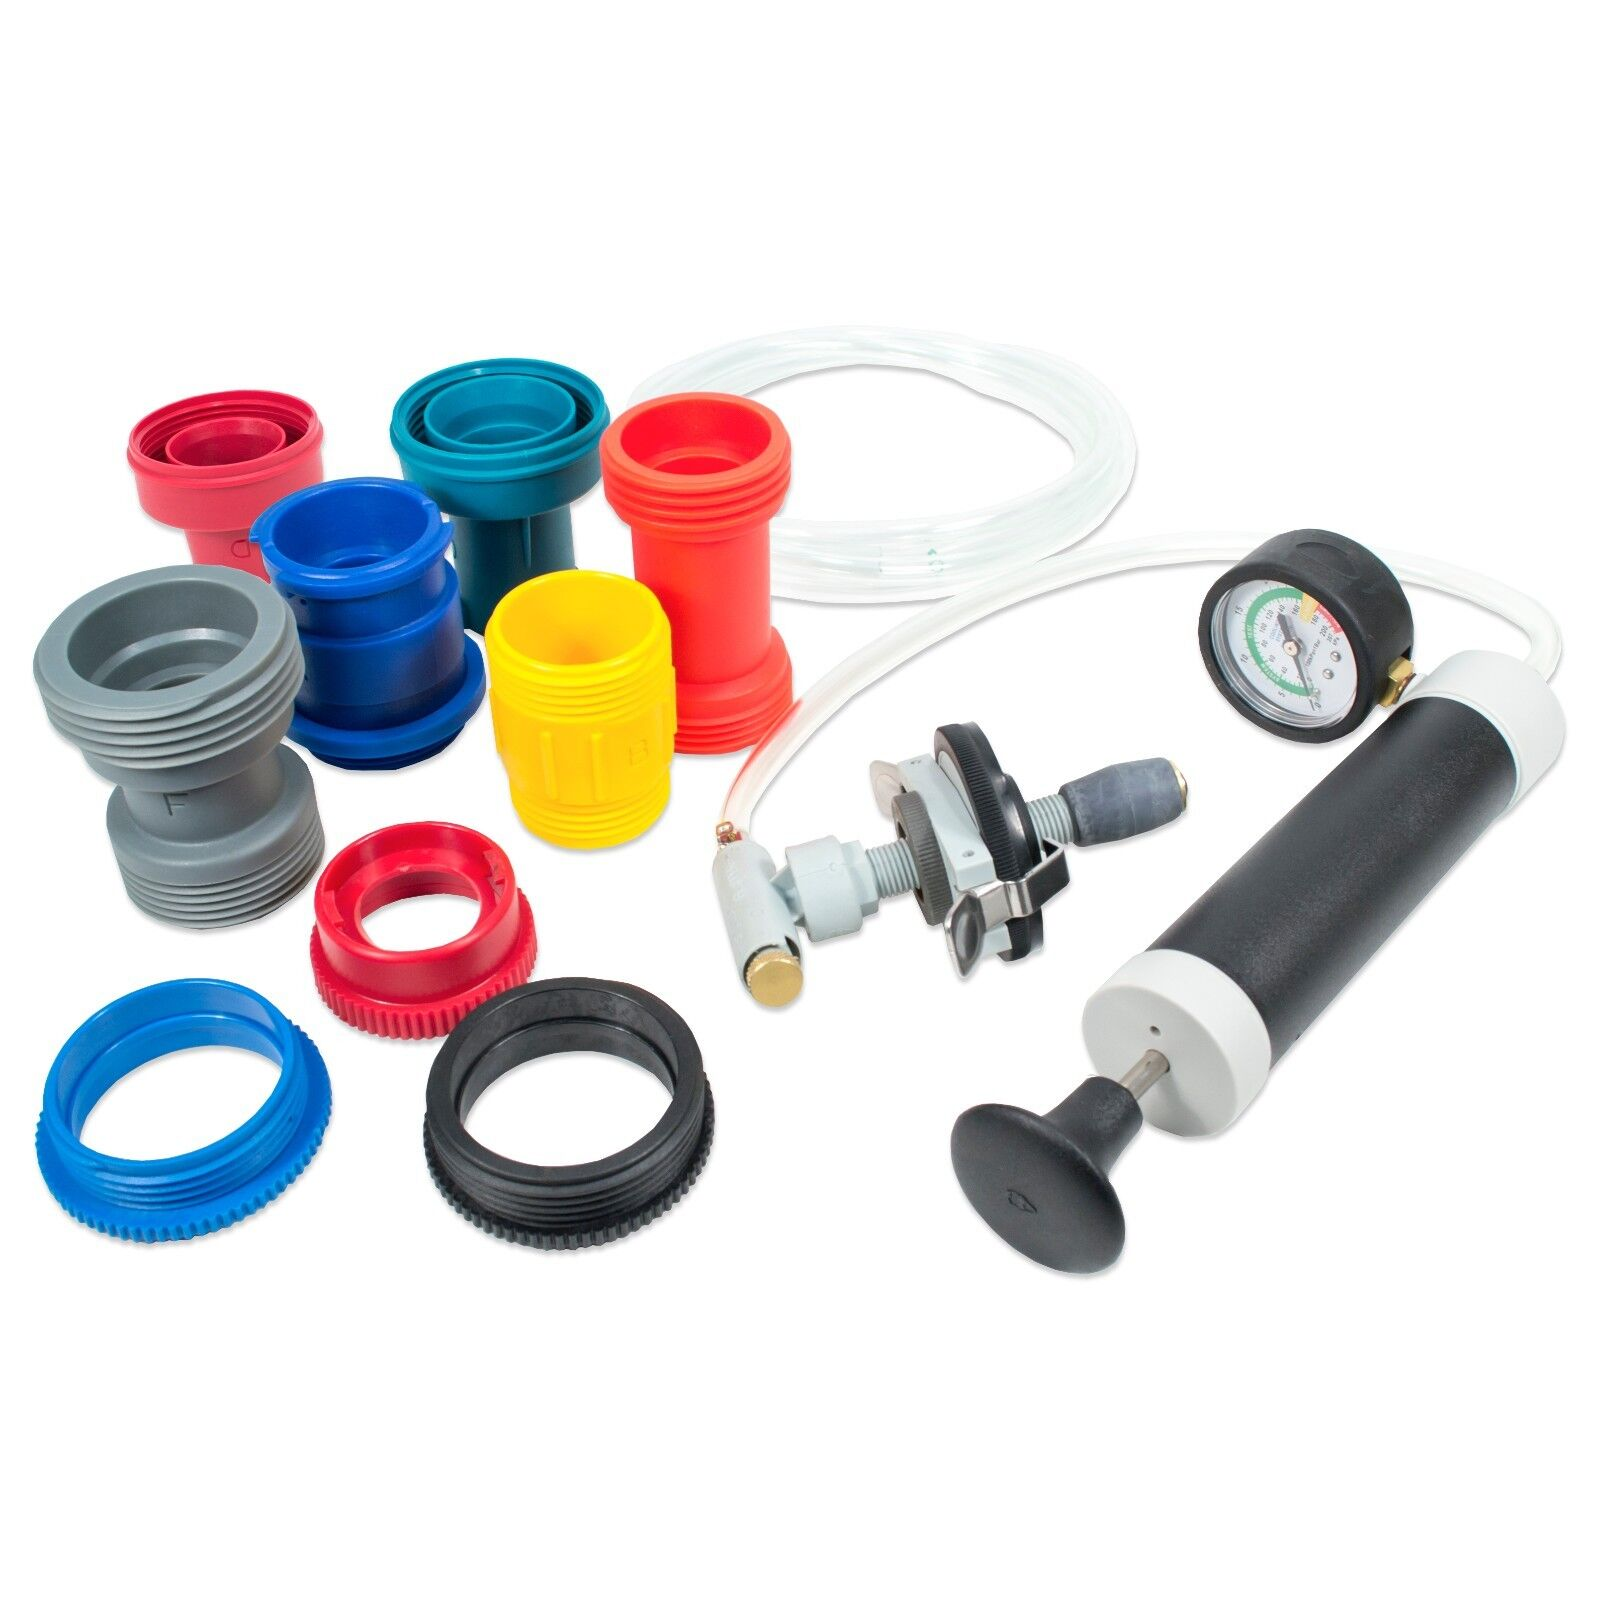 TGR Universal Radiator Cooling System Pressure Tester - Inflatable Bladder